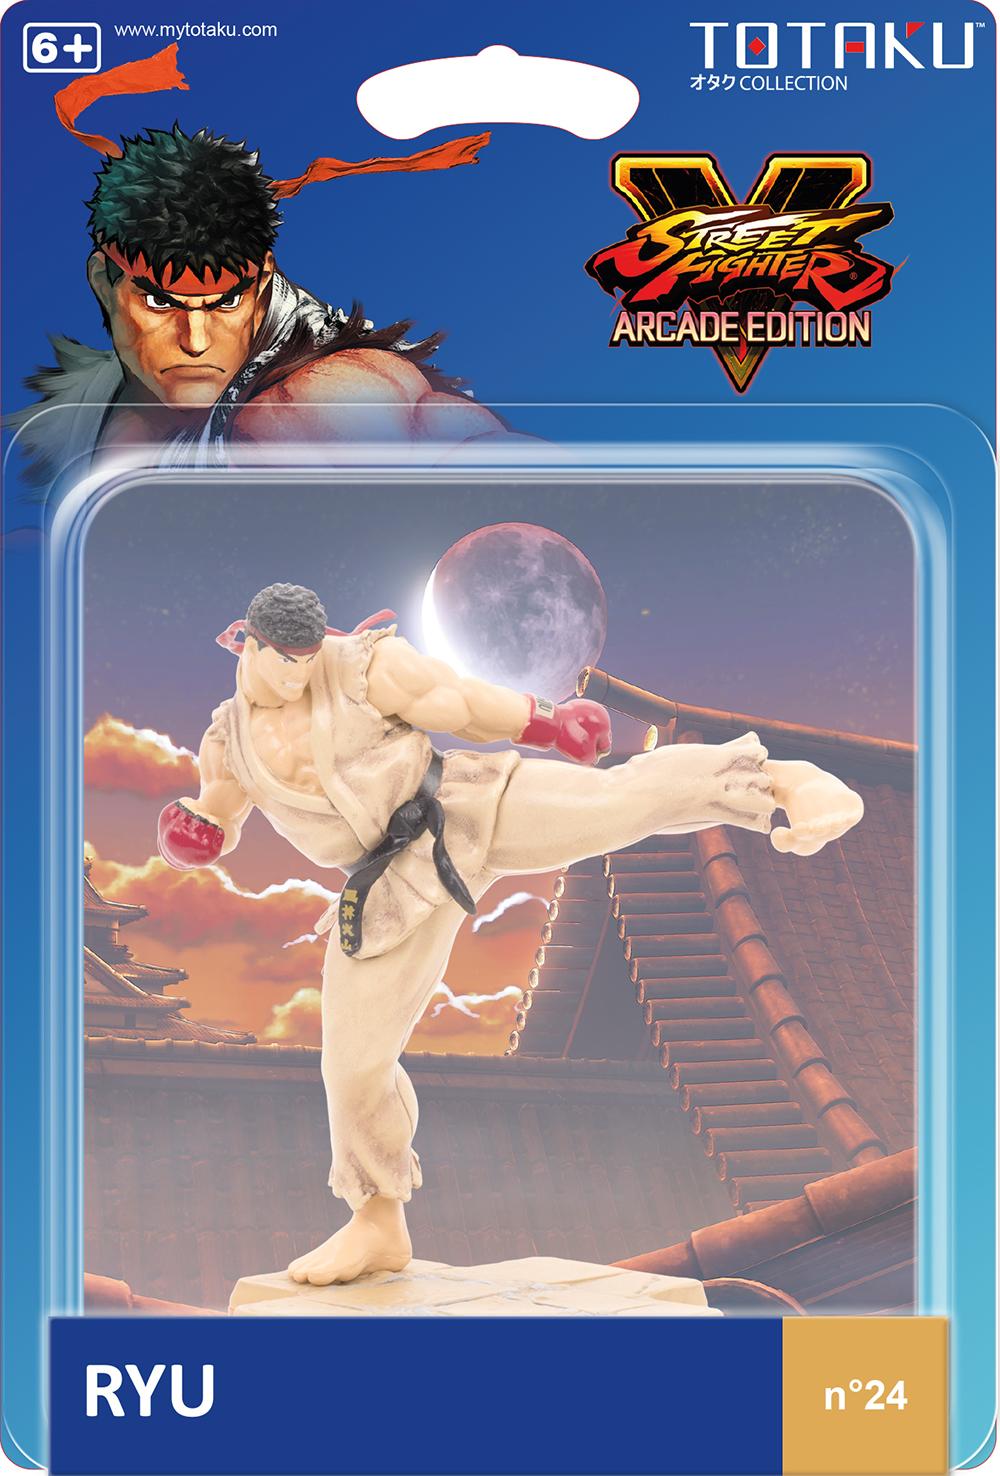 Фигурка TOTAKU Collection: Street Fighter 5 – Ryu. Arcade Edition (10 см) фото